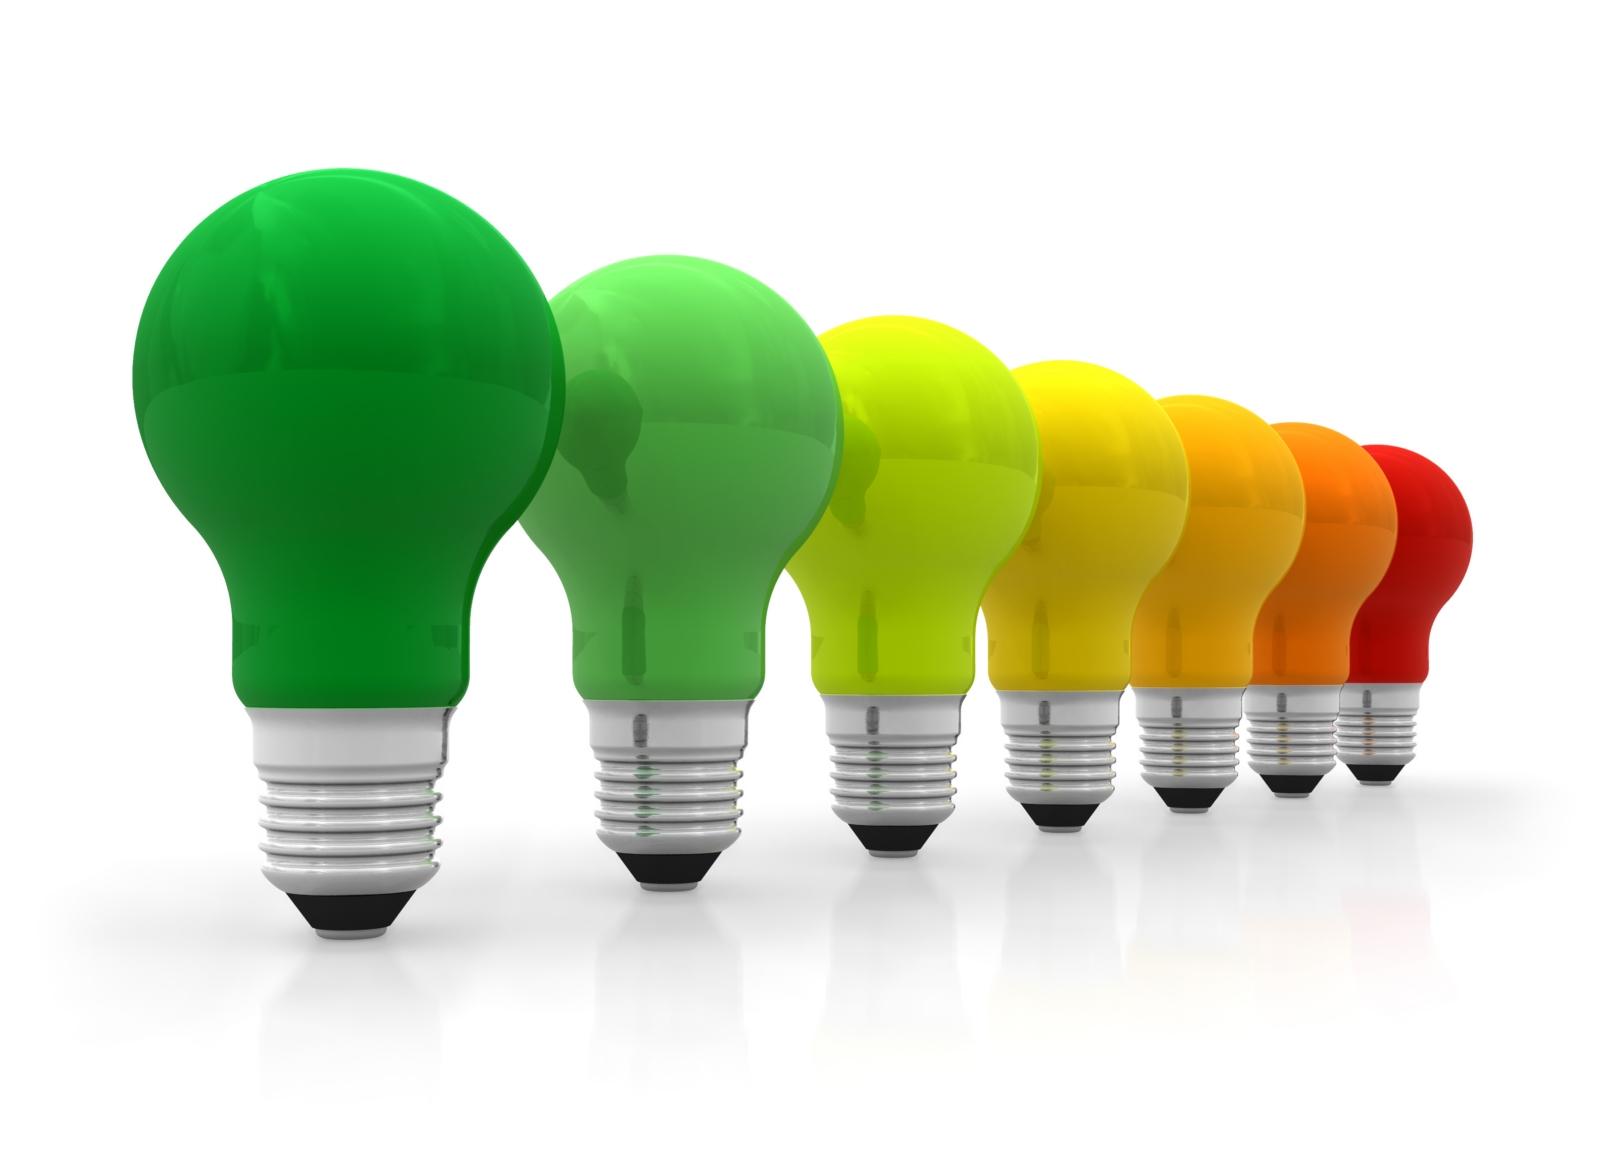 confort articles lampes et ampoules consommation et dur e de vie d 39 une. Black Bedroom Furniture Sets. Home Design Ideas